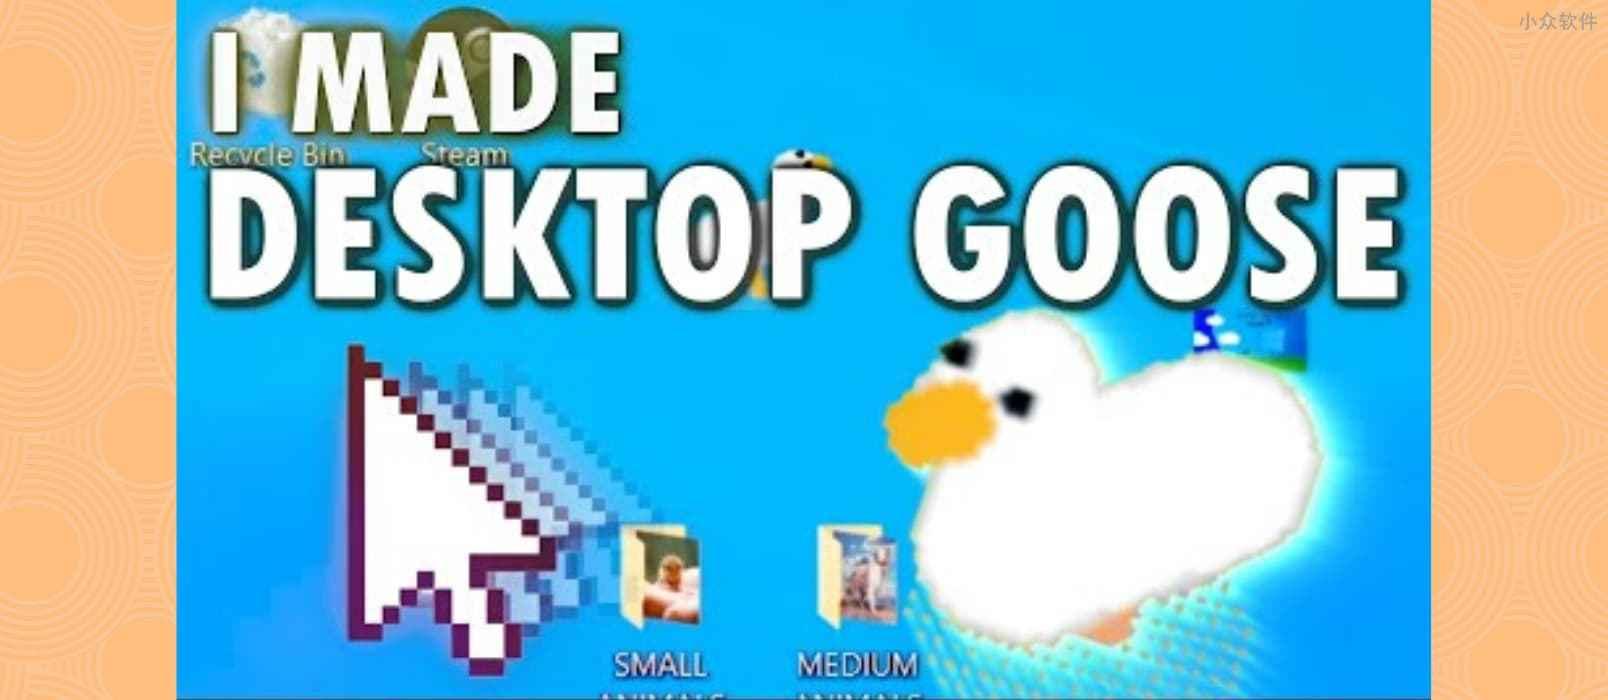 给你的电脑加上一直会捣乱的鹅,作为桌面宠物